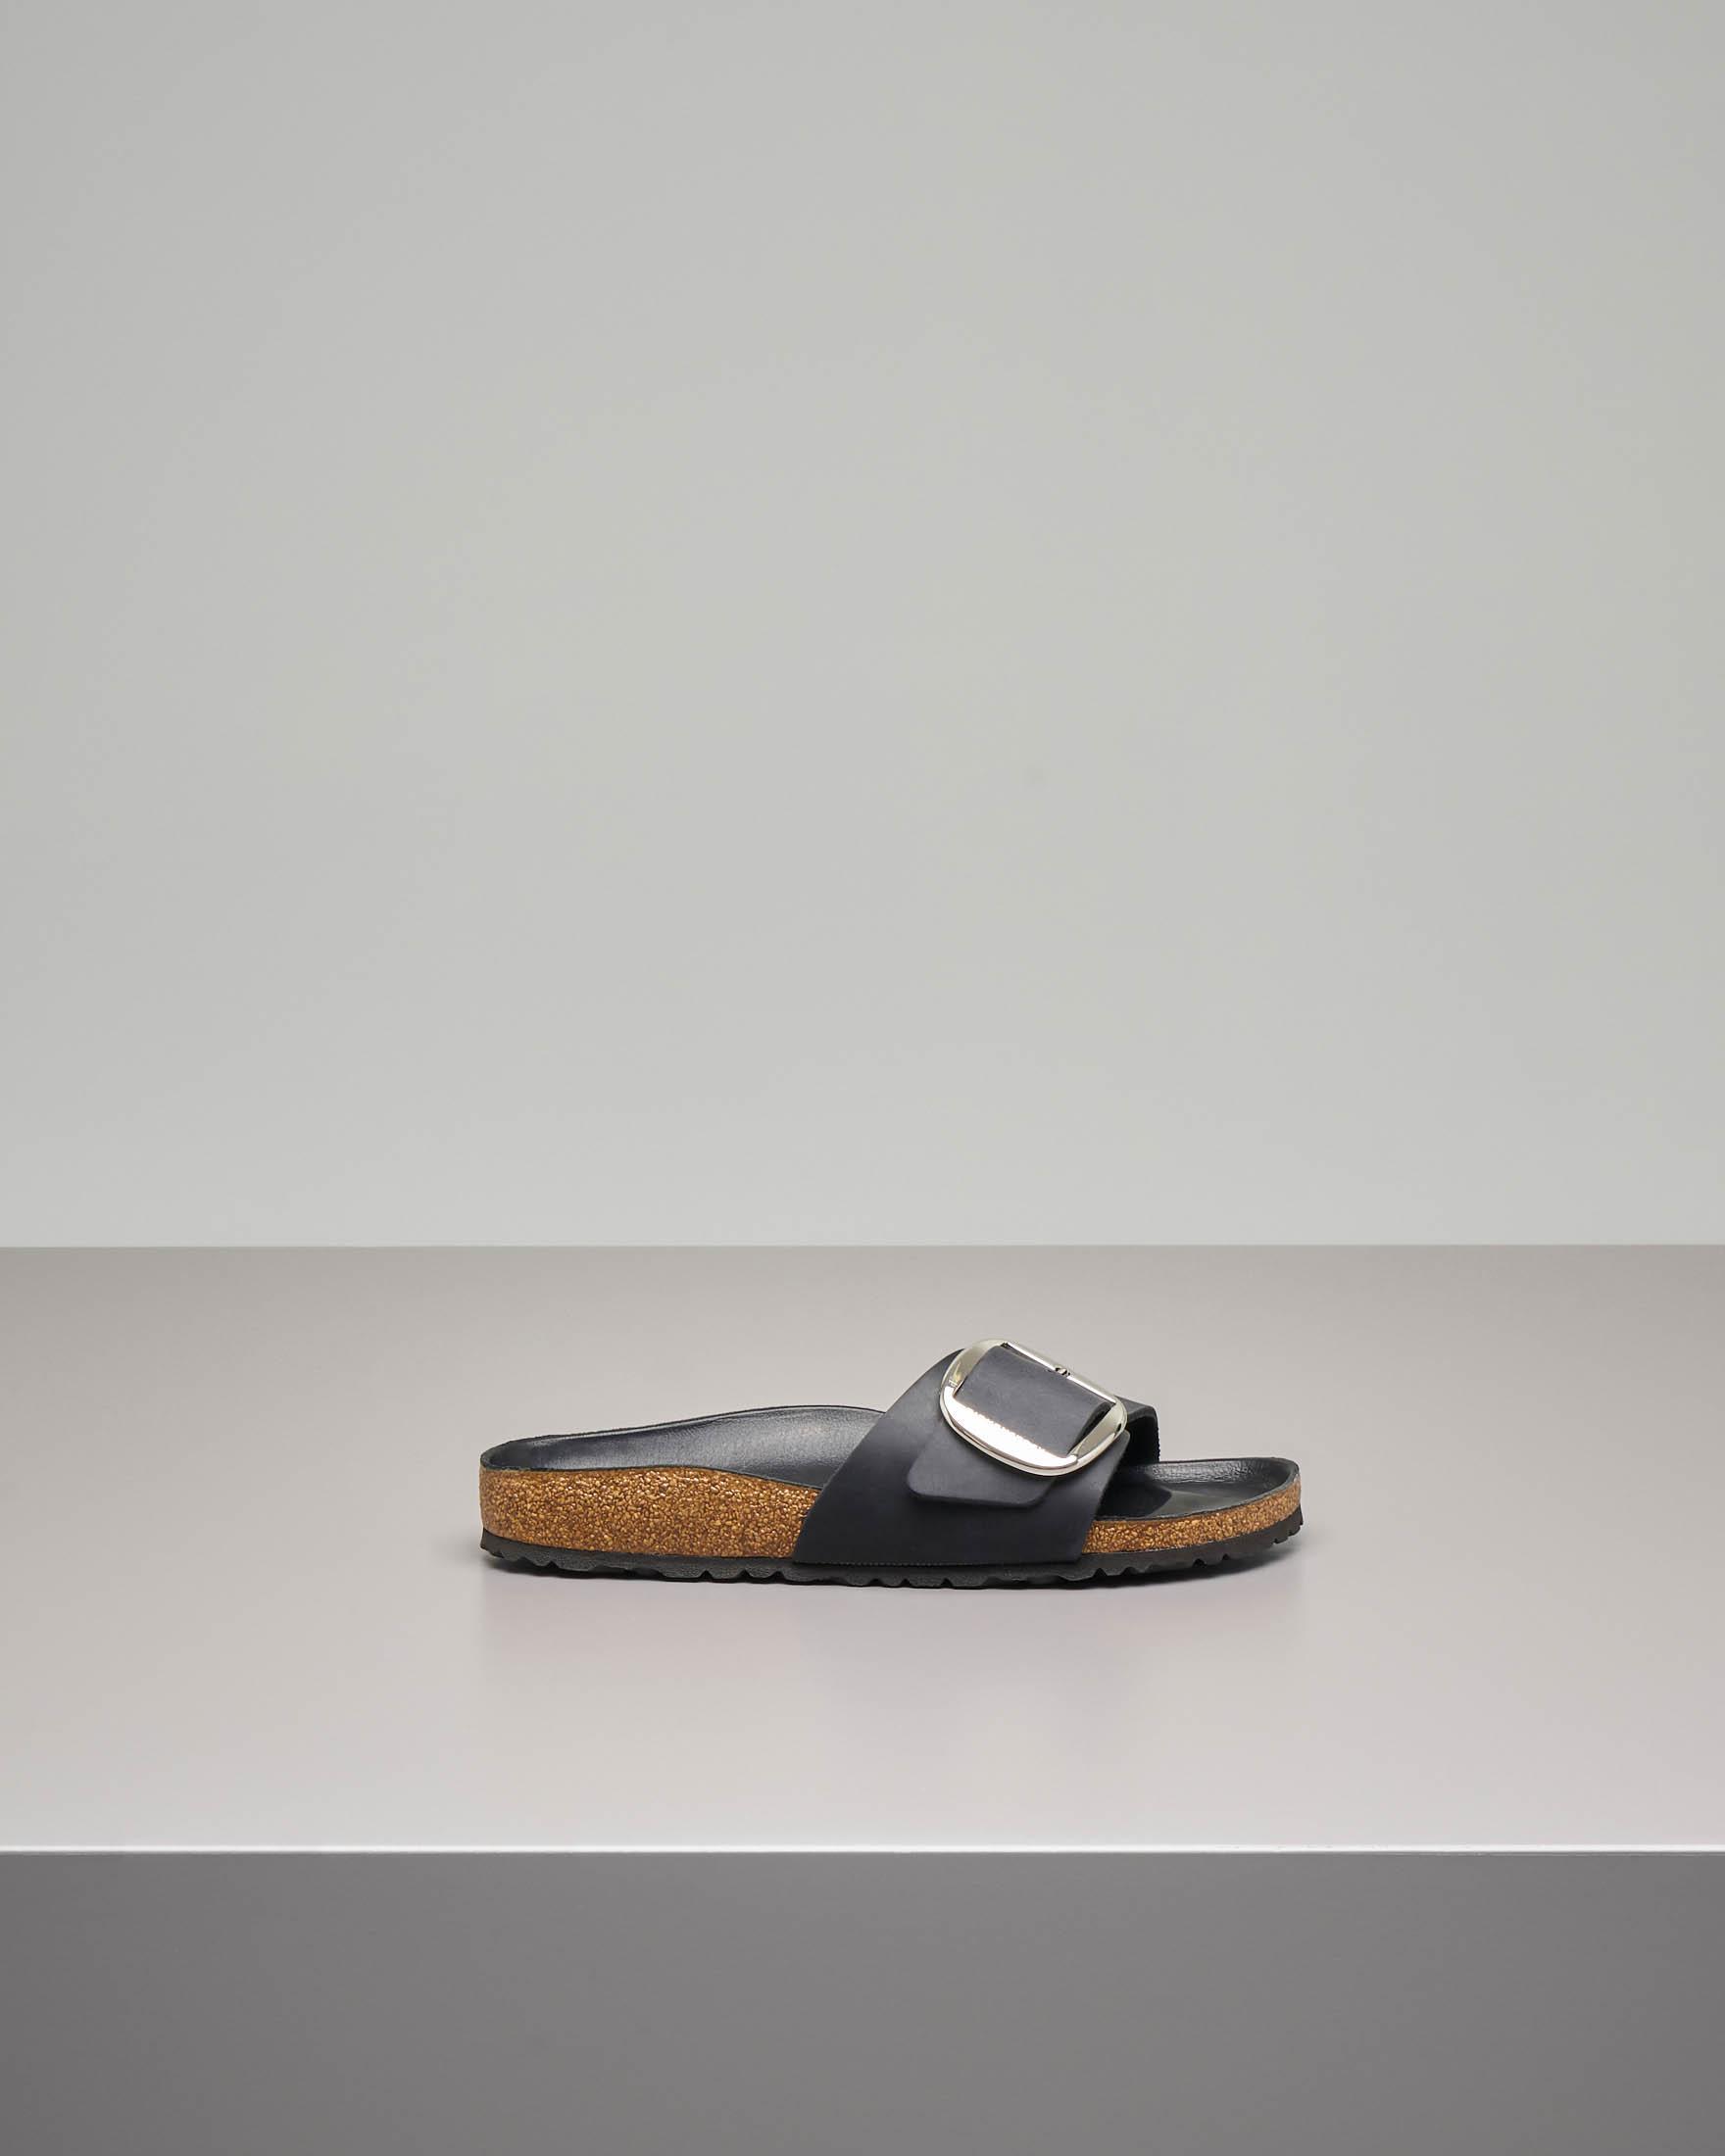 Sandalo Madrid in pelle nera con fascetta e fibbia in metallo